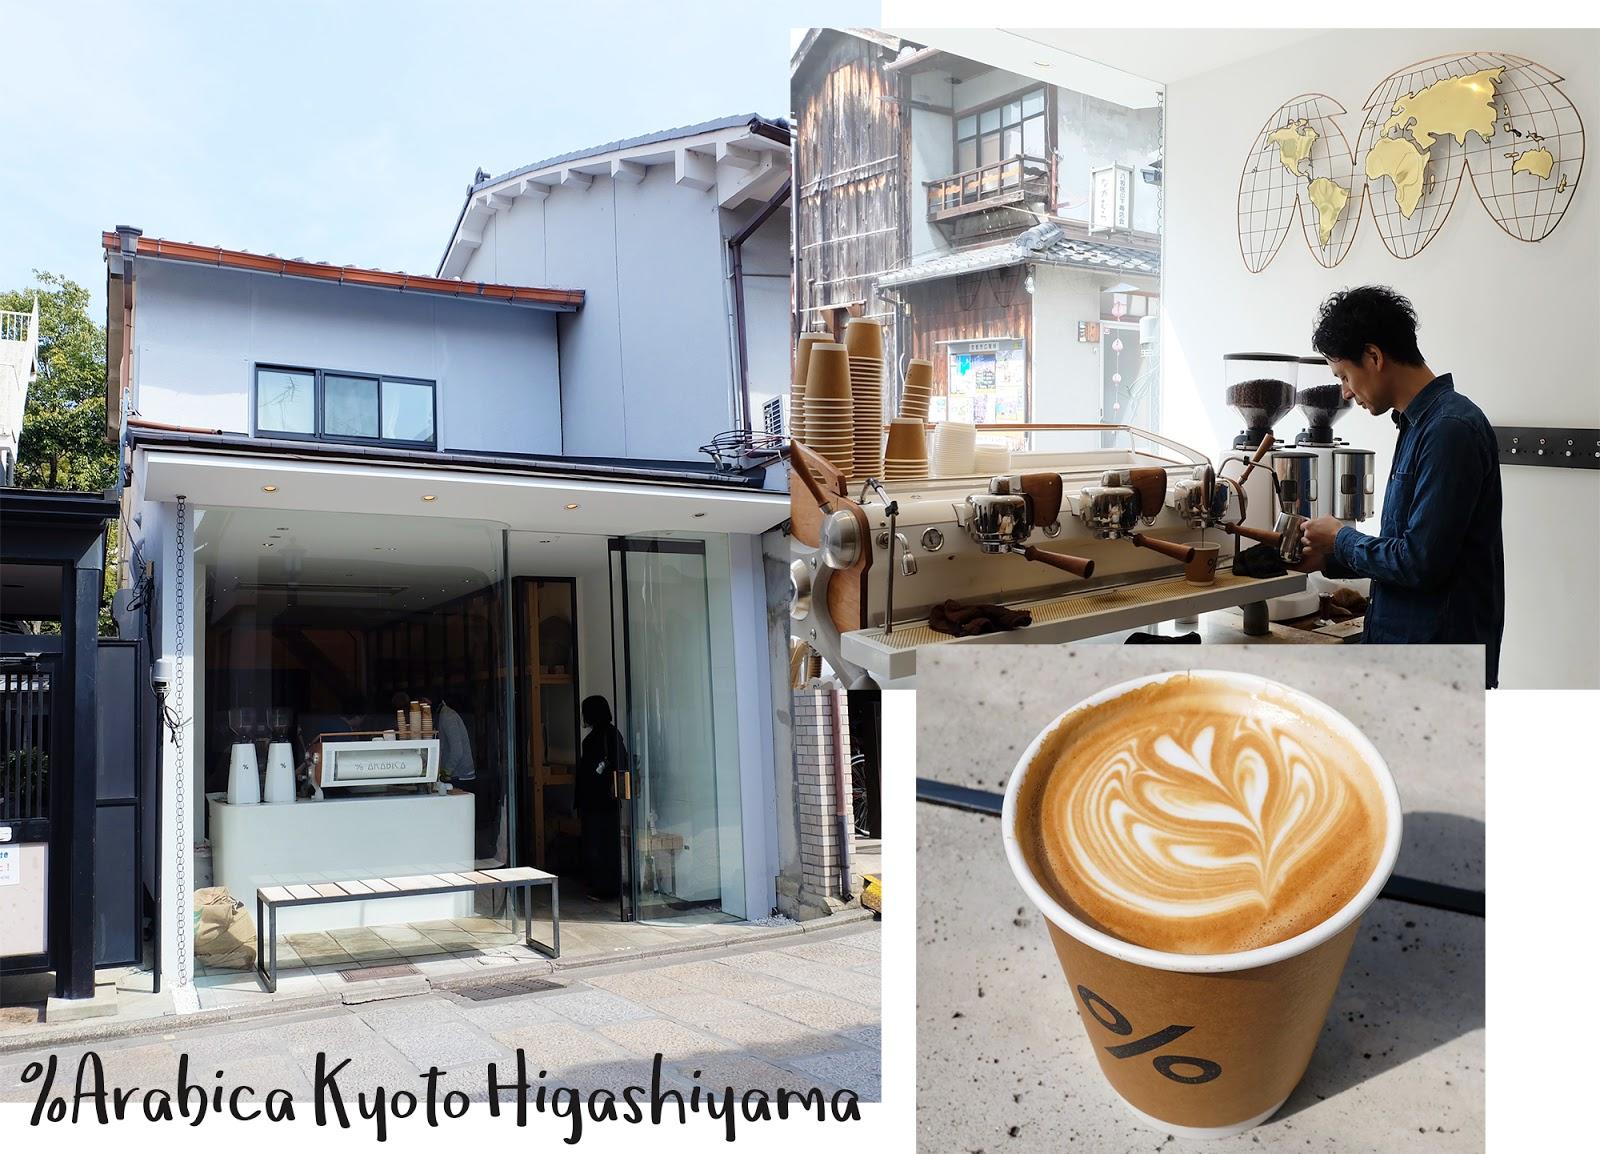 One Day 6 places Kyoto Arabica Higashiyama | www.bigdreamerblog.com